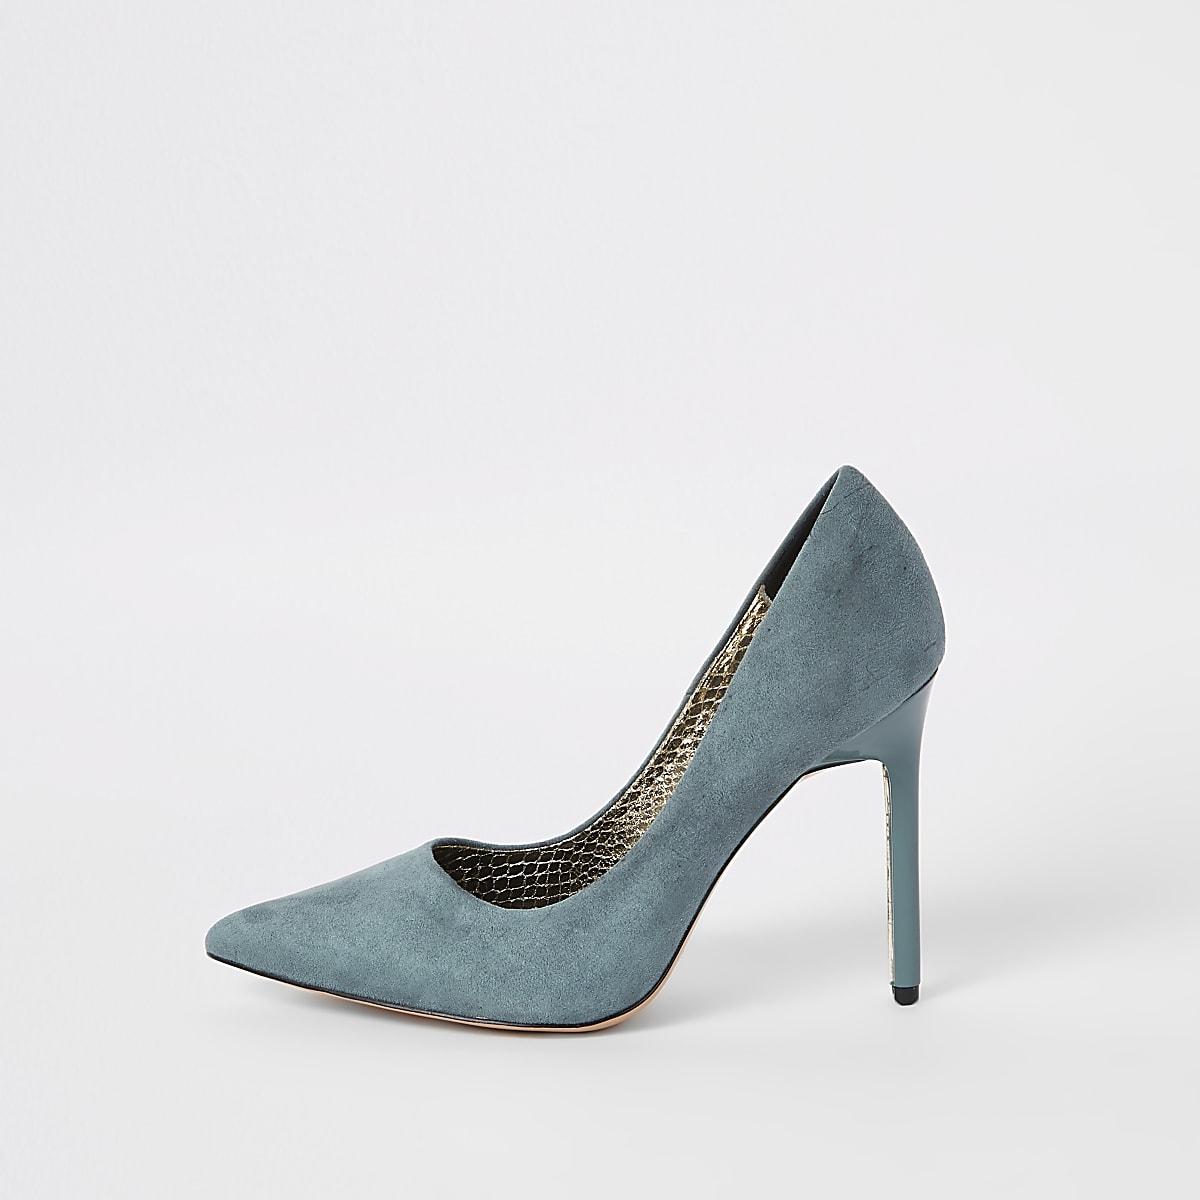 386e3e85b9bb Blue faux suede wide fit court shoes - Shoes - Shoes   Boots - women